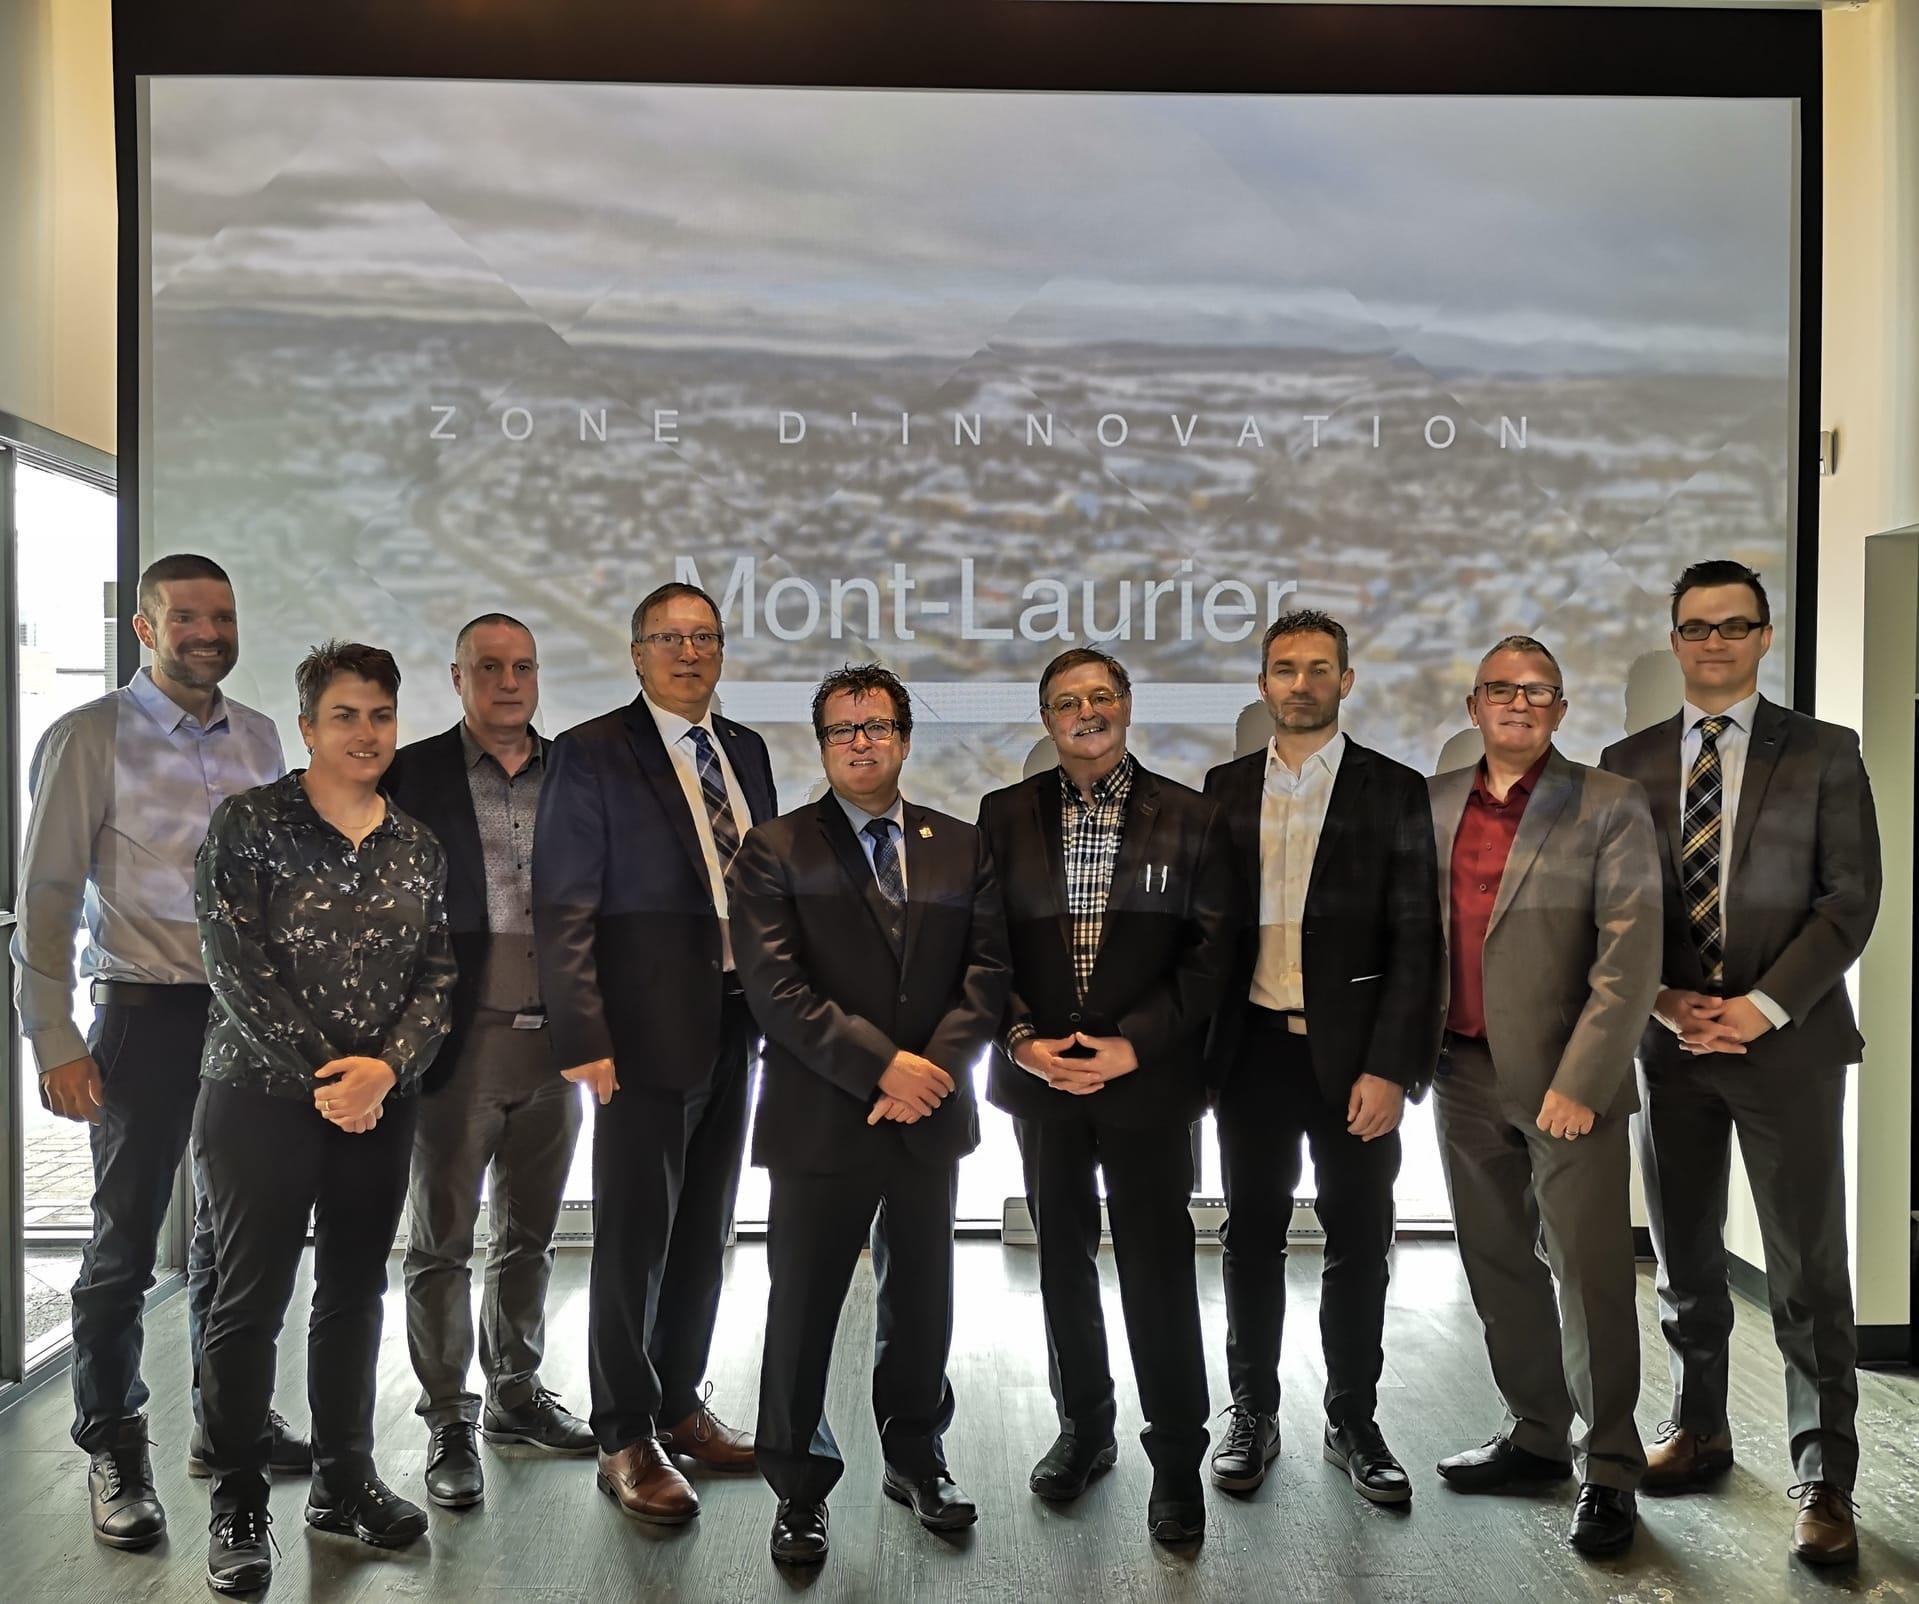 Rencontre d'information pour la reconnaissance d'une zone d'innovation à Mont-Laurier